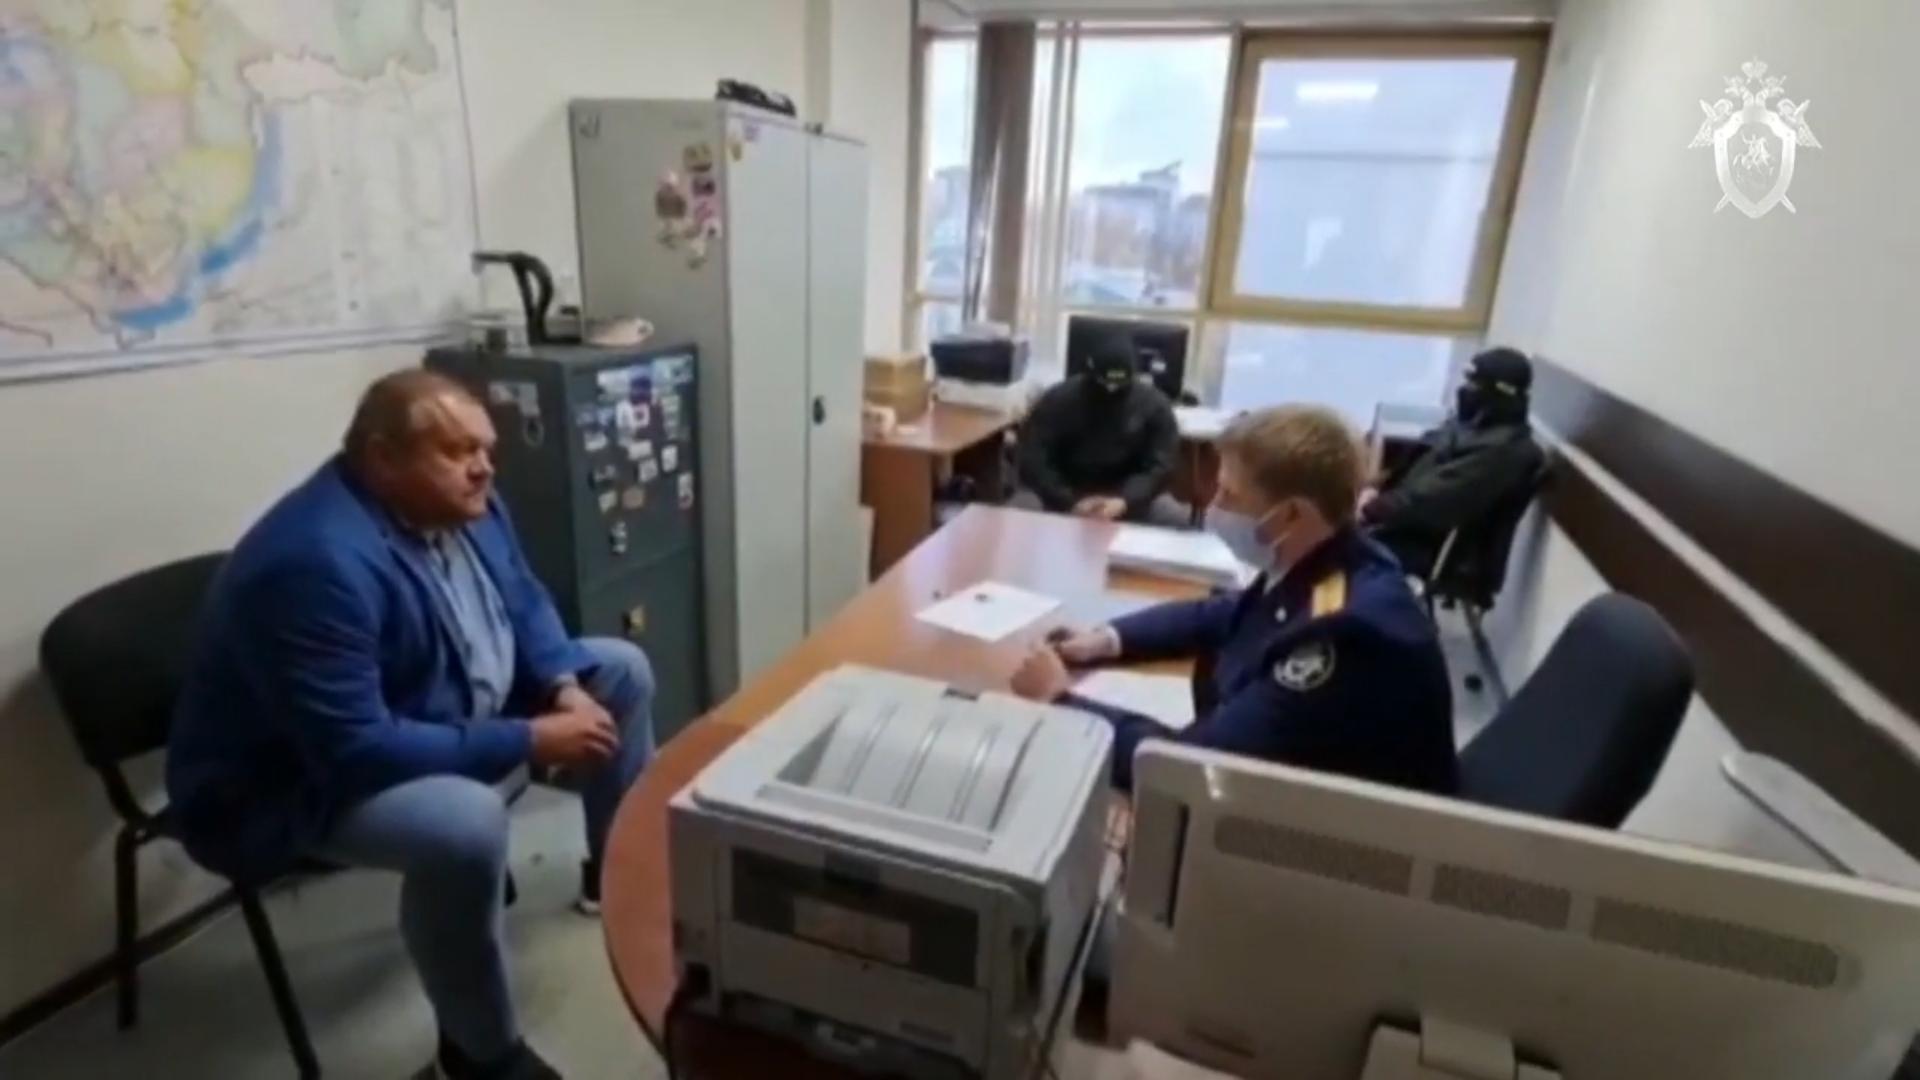 Скандального мэра Усть-Кута задержали после отпуска